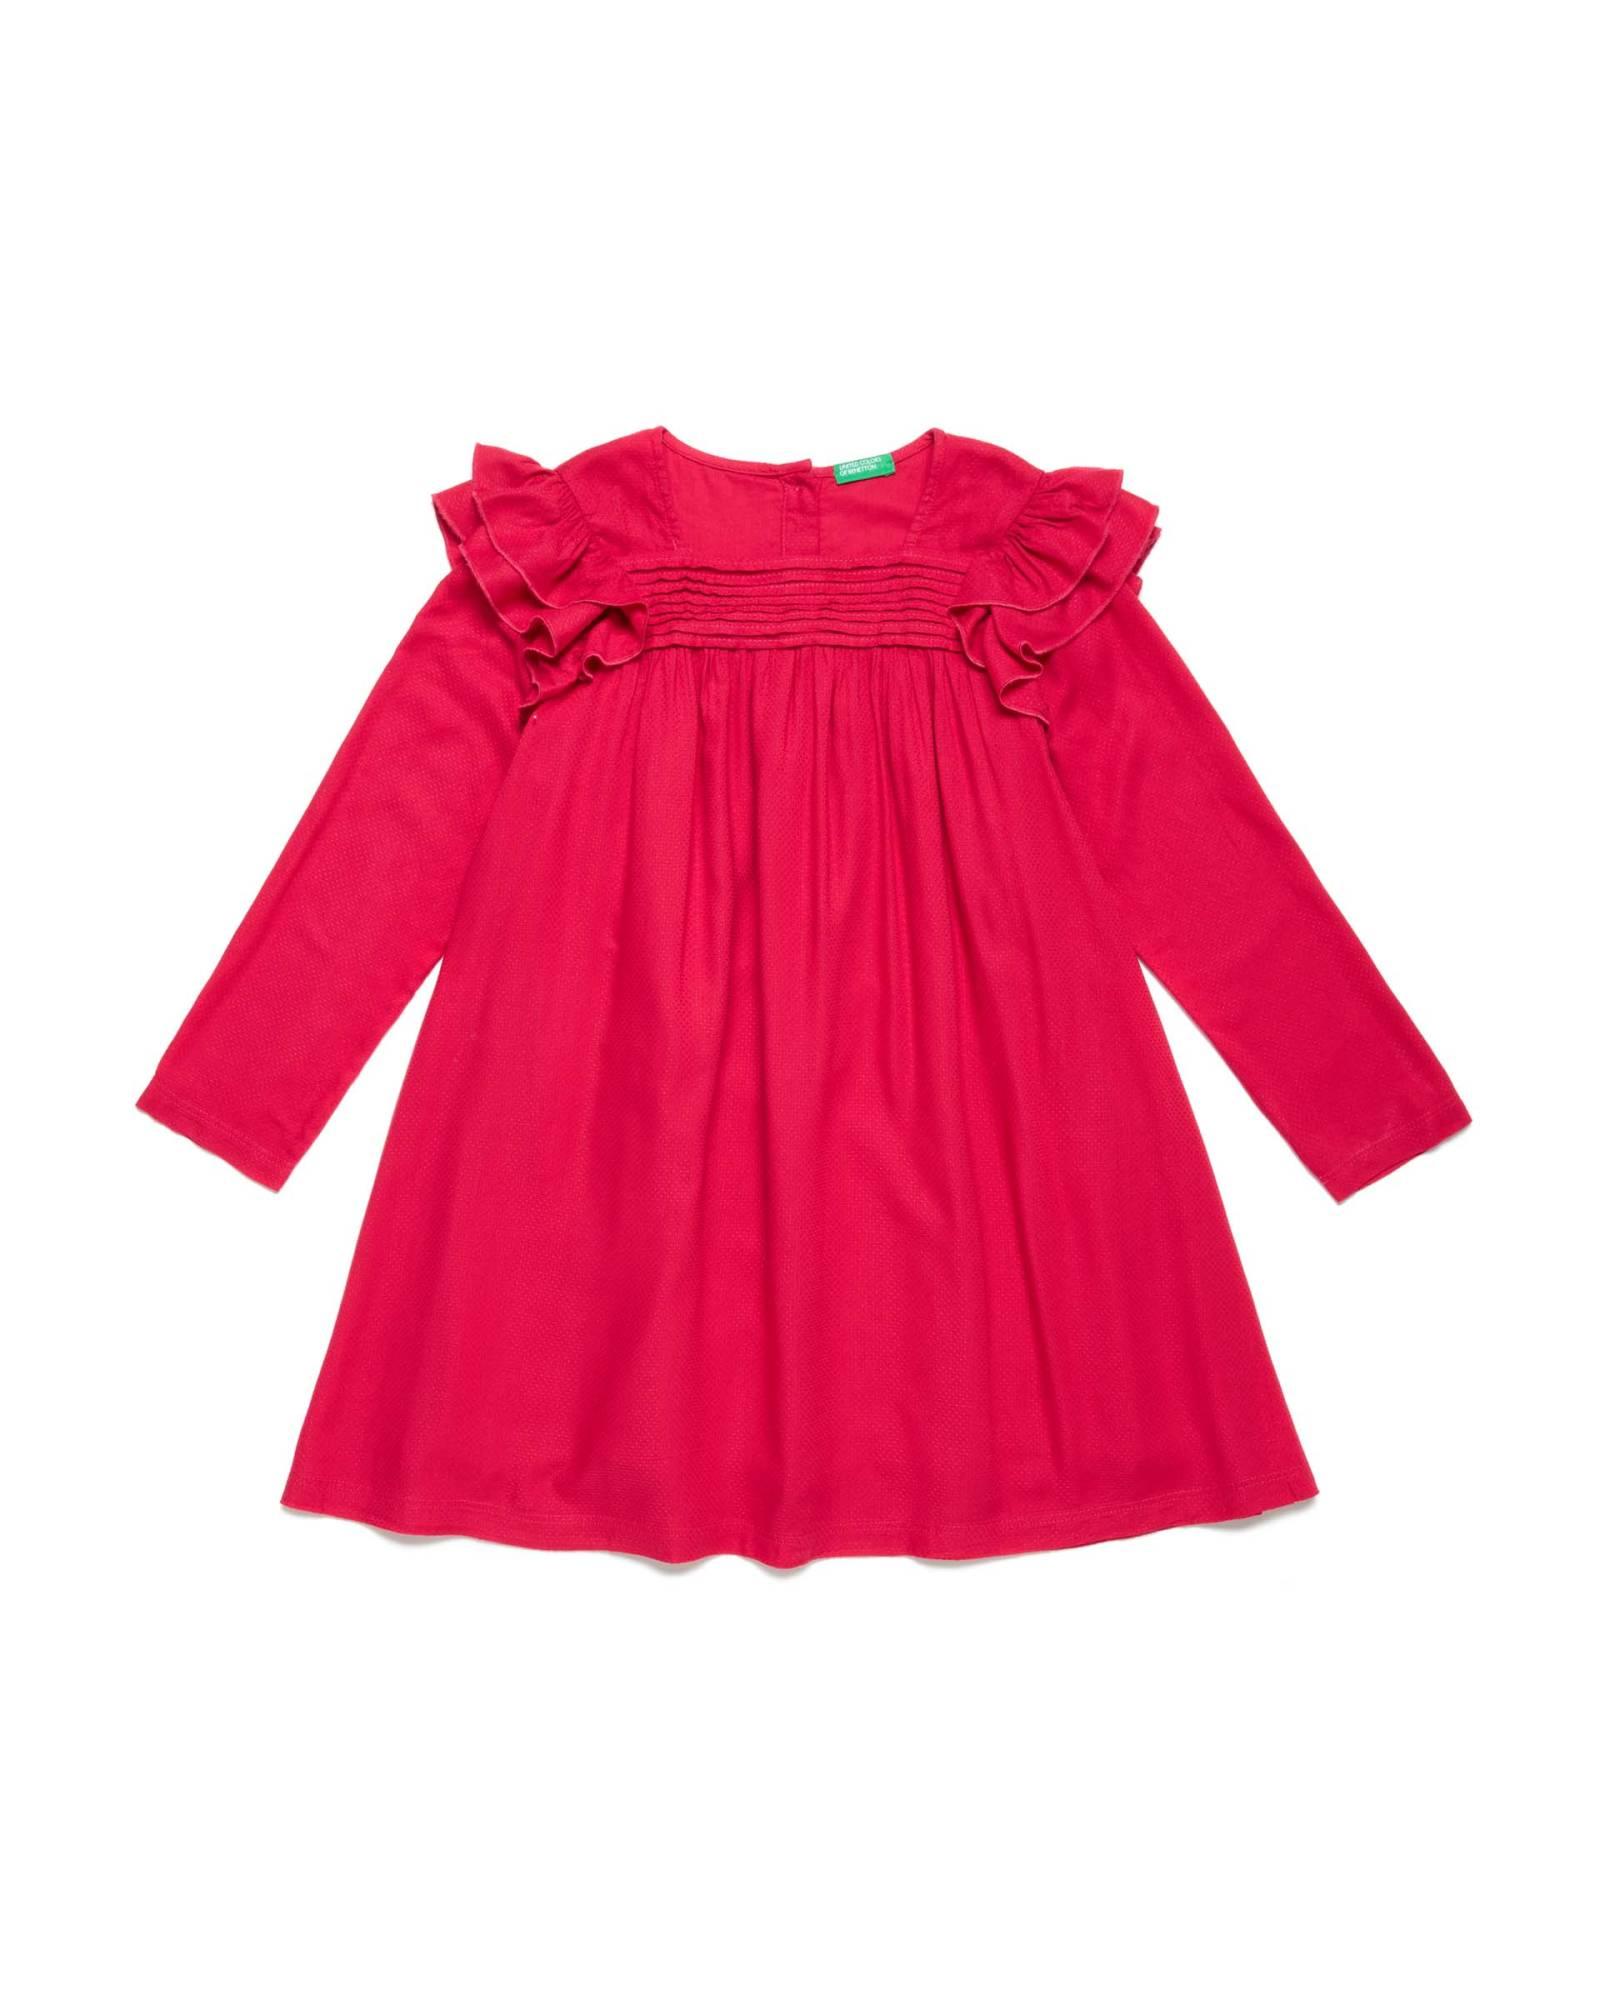 Little lady in red от Benetton Сладка червена рокля с декоративни елементи по нея и нежно двойно закопчаване на гърба. Цена: 79,90 лв.